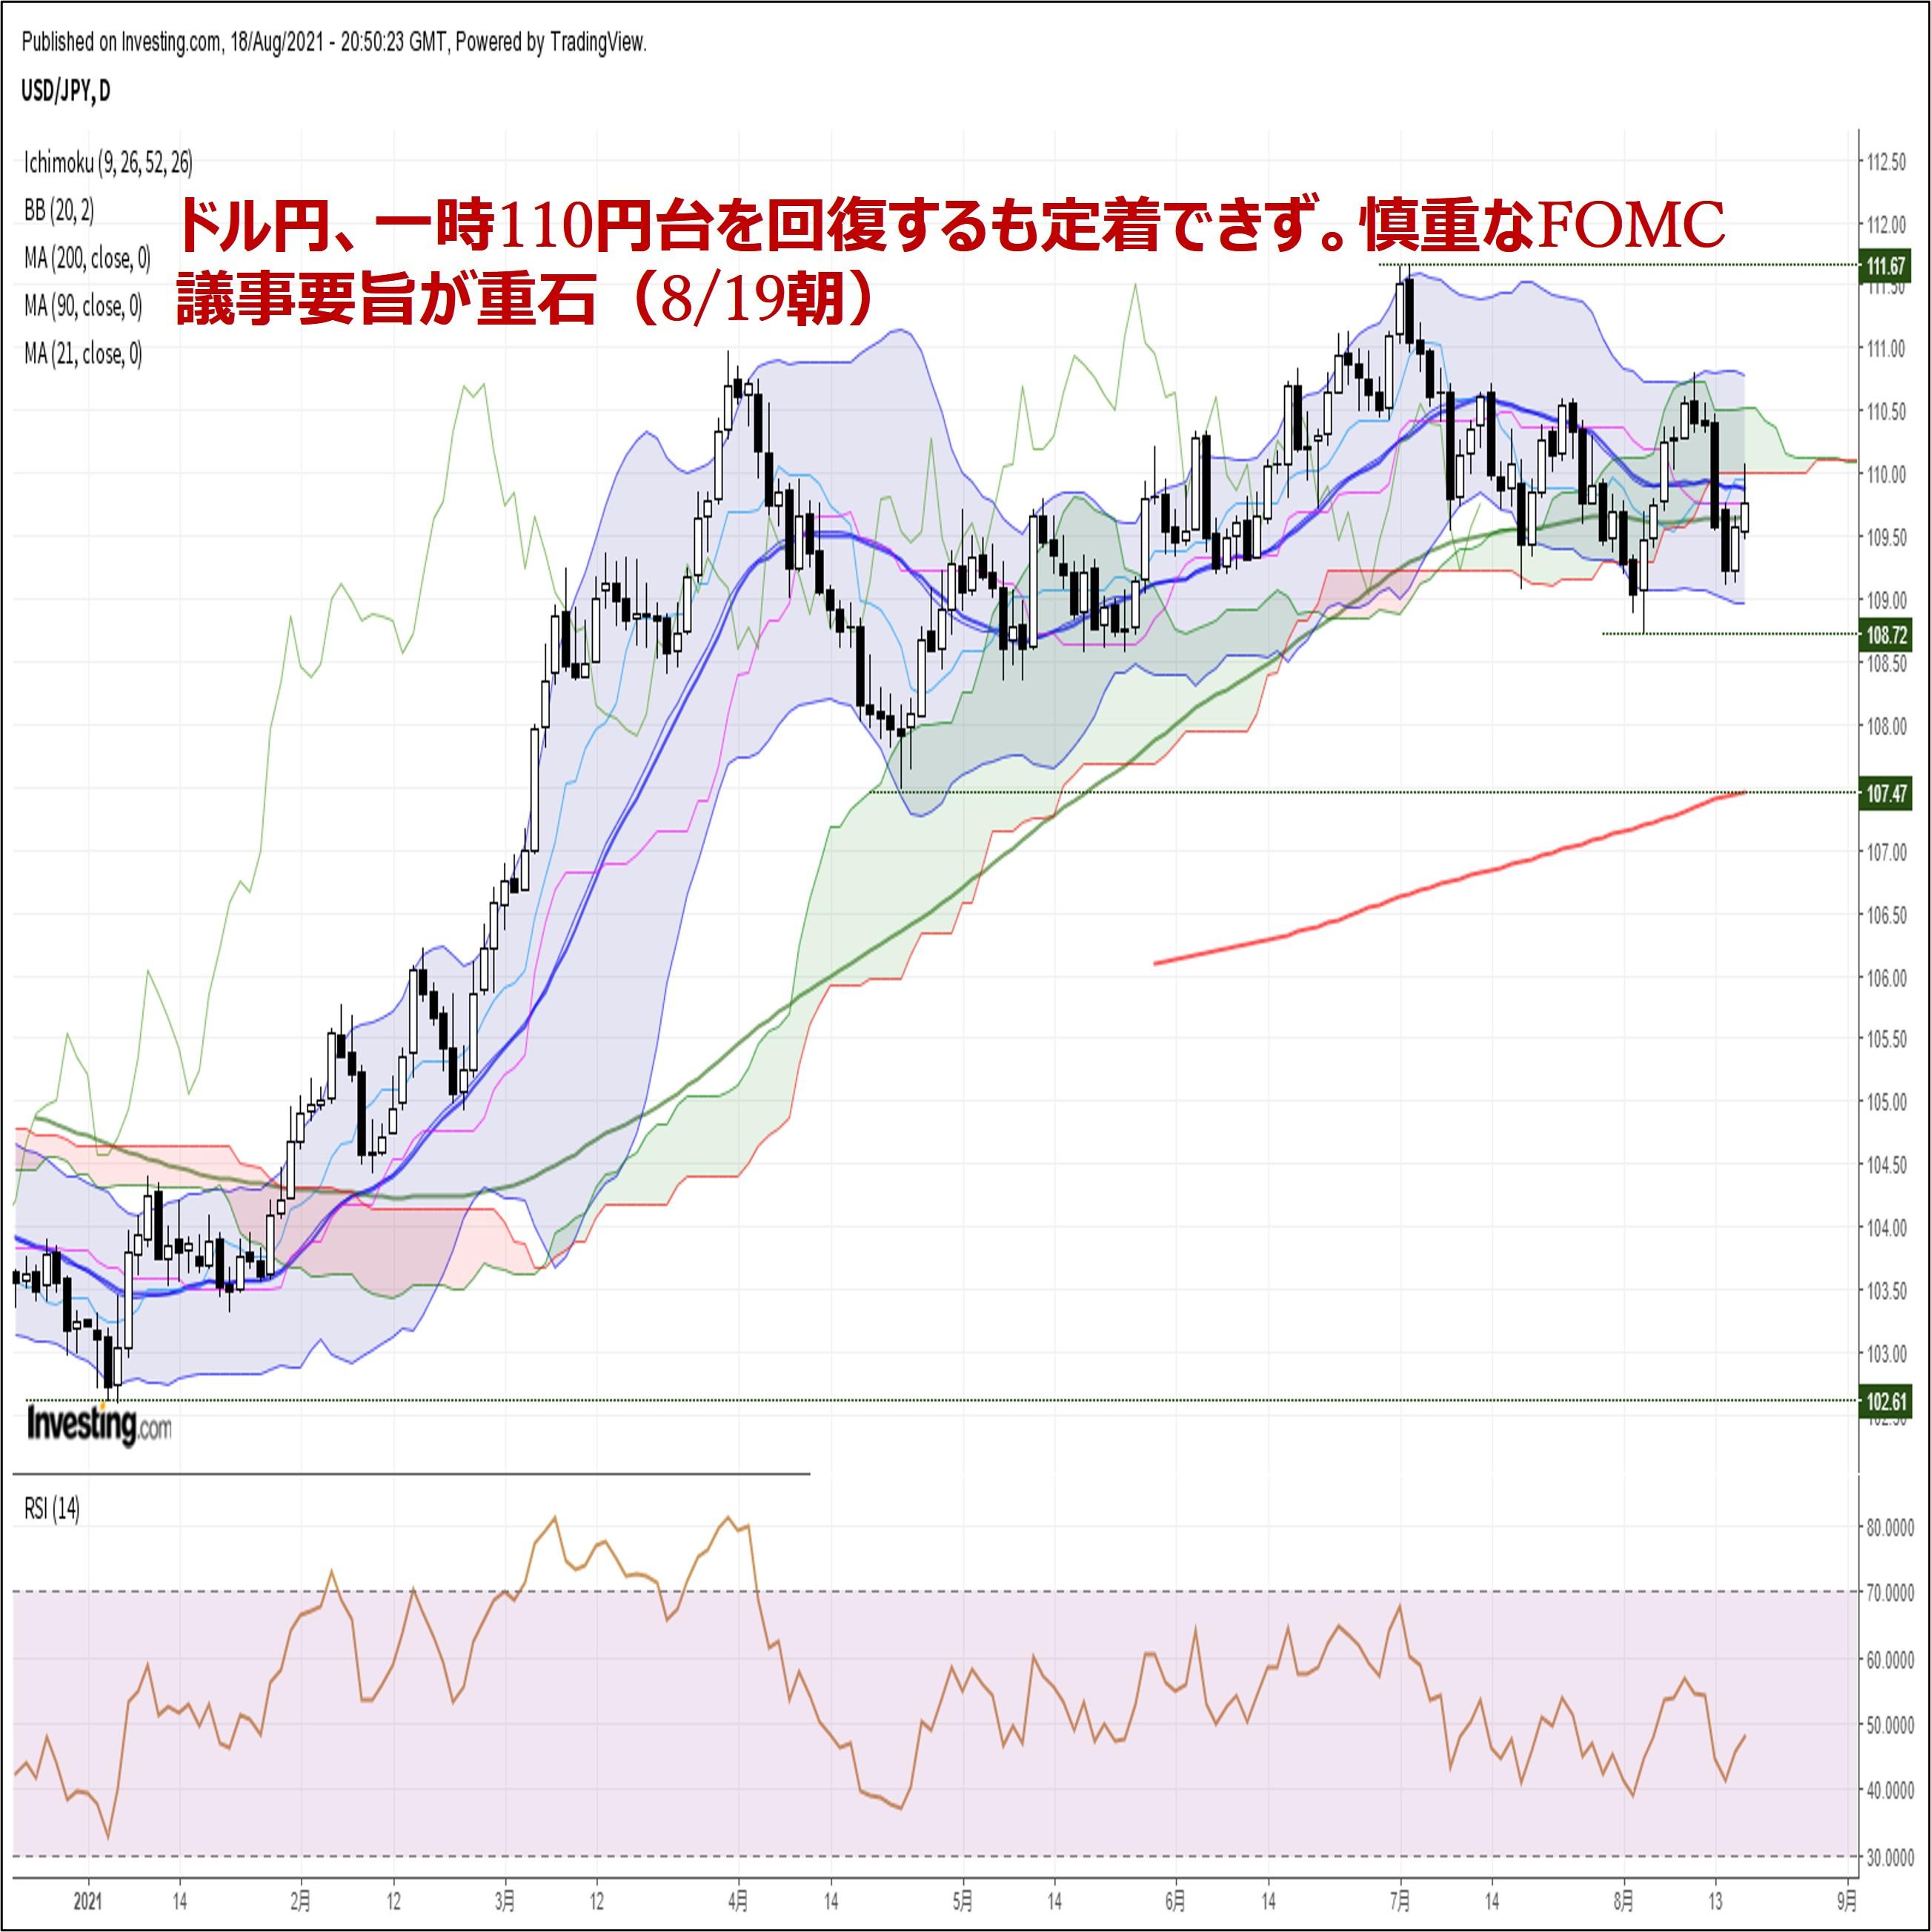 ドル円、一時110円台を回復するも定着できず。慎重なFOMC議事要旨が重石(8/19朝)